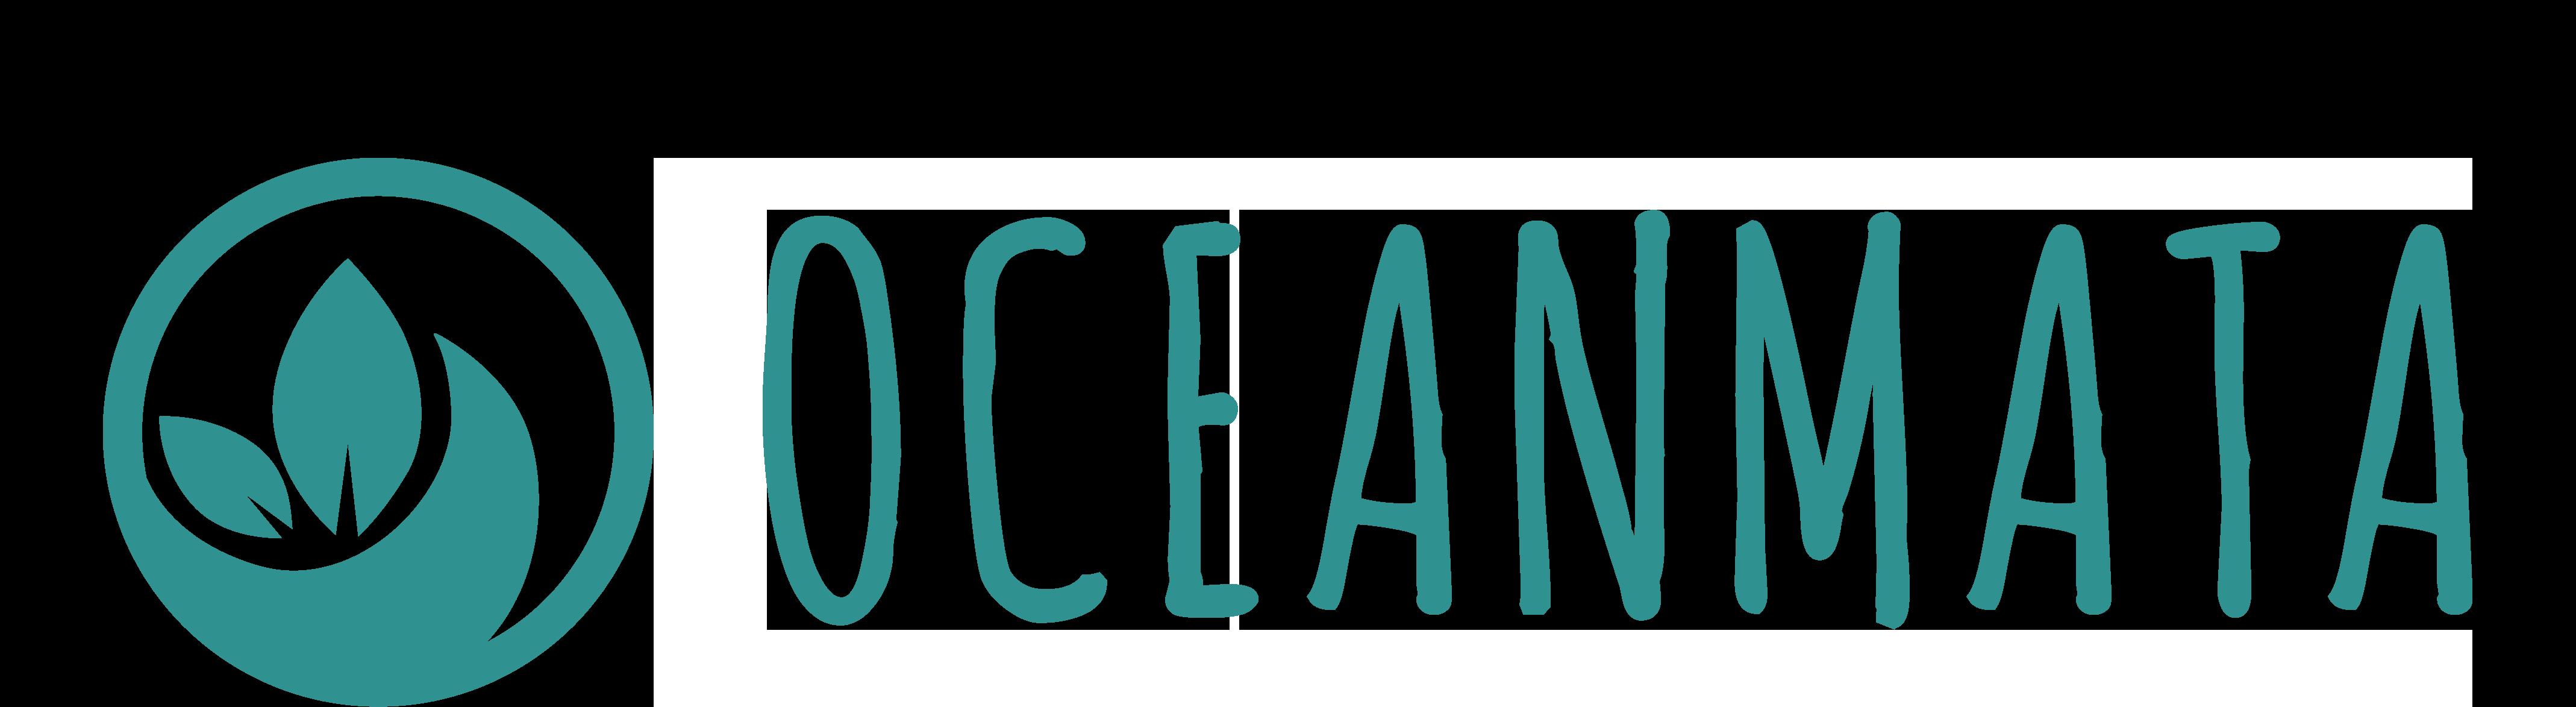 Read Oceanmata Reviews